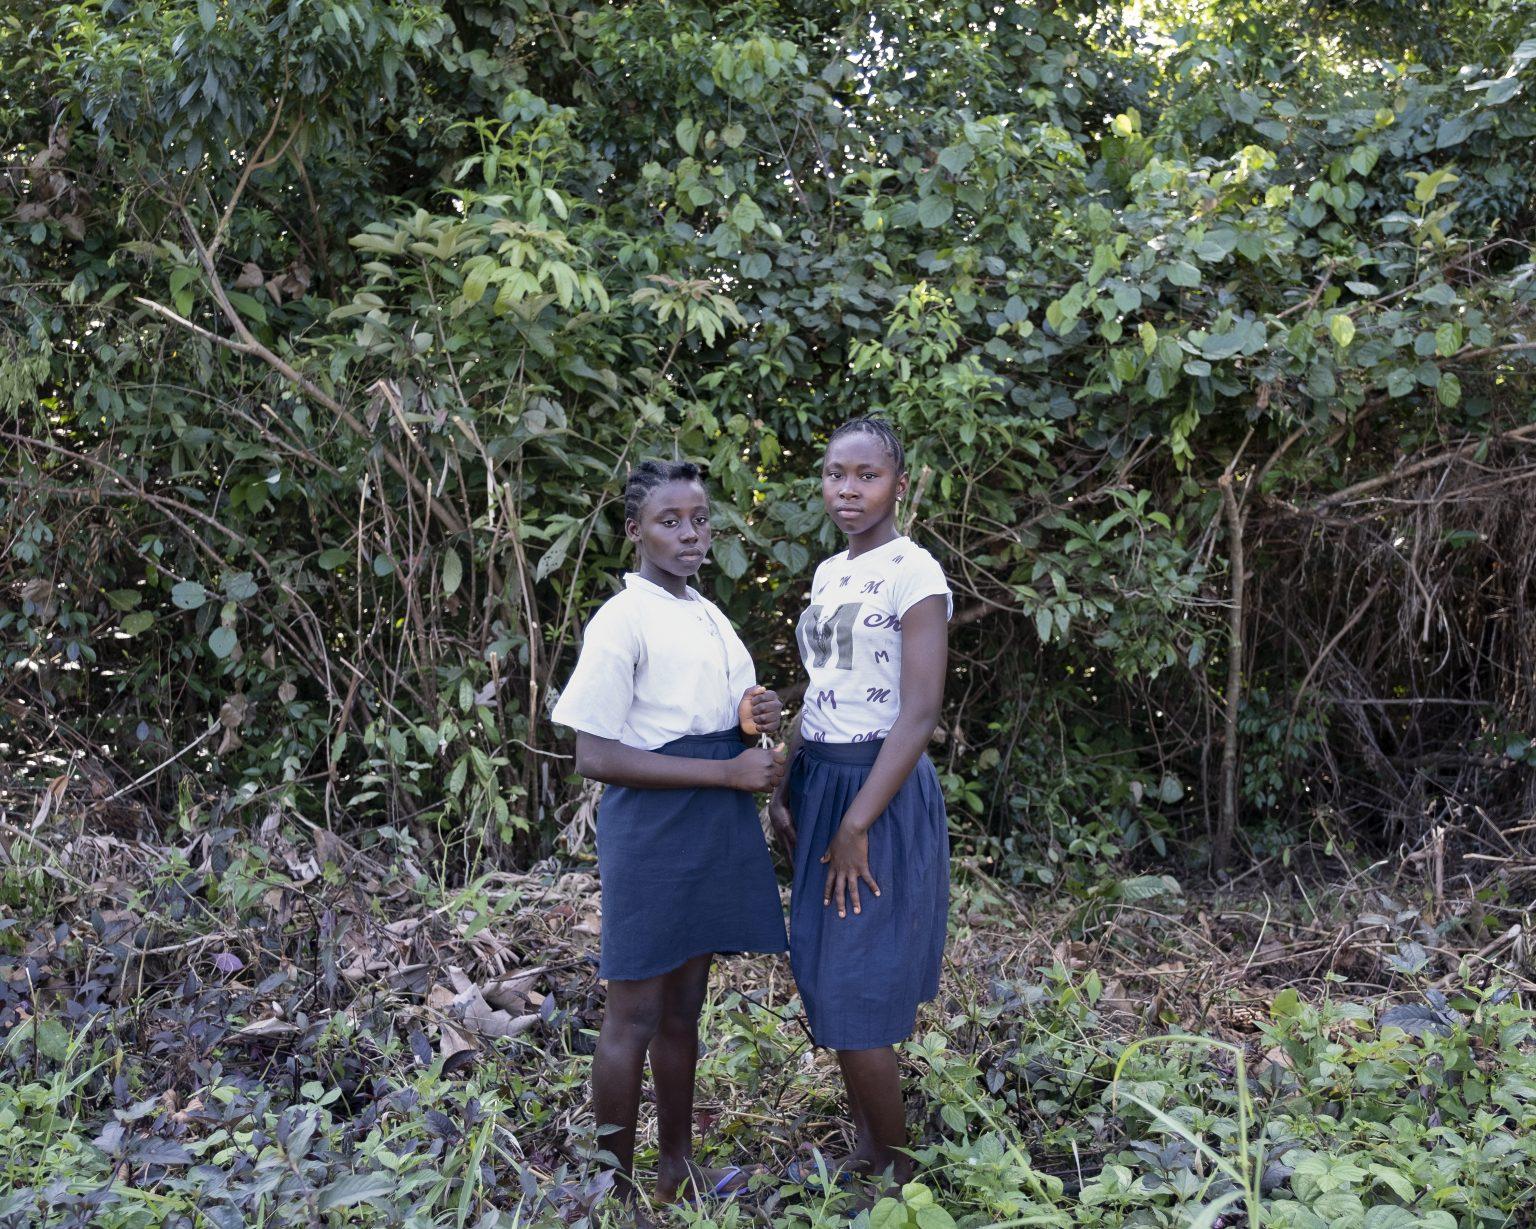 """Northwestern Liberia, October 2019 - Two primary school students, aged 13 and 14. Both attended the """"bush school"""" when they were 3 and 4 years old respectively. About the genital mutilation they suffered, they remember they wanted to escape, but they were too small to be able to run away. >< Liberia nord-occidentale, ottobre 2019 -  Due alunne della scuola primaria, di 13 e 14 anni. Entrambe sono state nella """"scuola nella foresta"""" quando avevano rispettivamente 3 e 4 anni. Della mutilazione genitale ricordano che volevano scappare, ma erano troppo piccole per poter correre."""